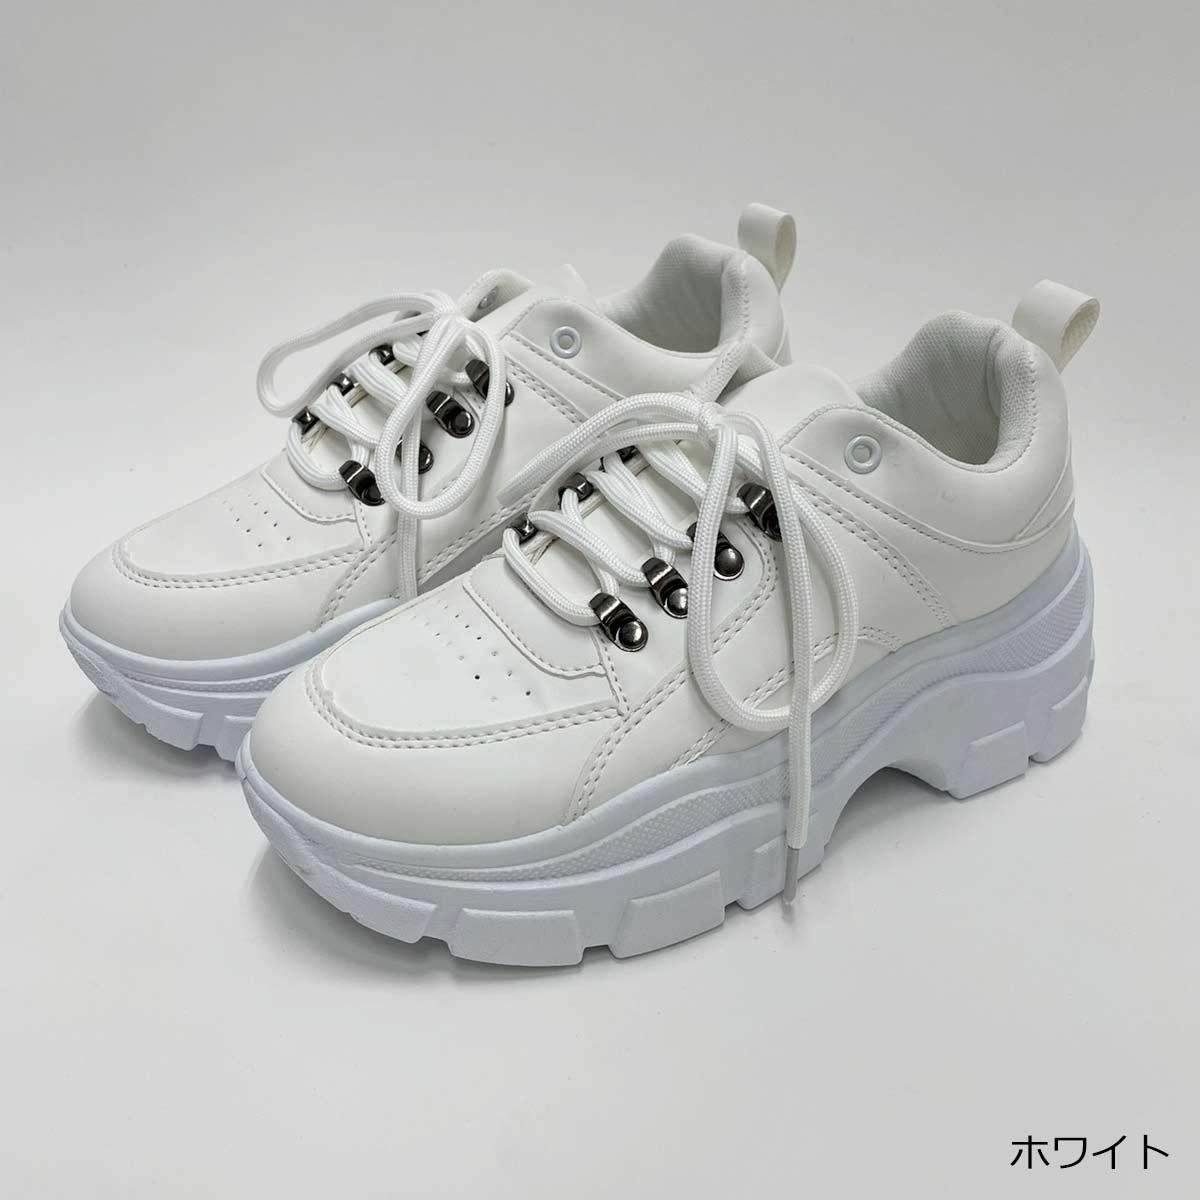 【3/22再入荷】金具付き厚底スニーカー